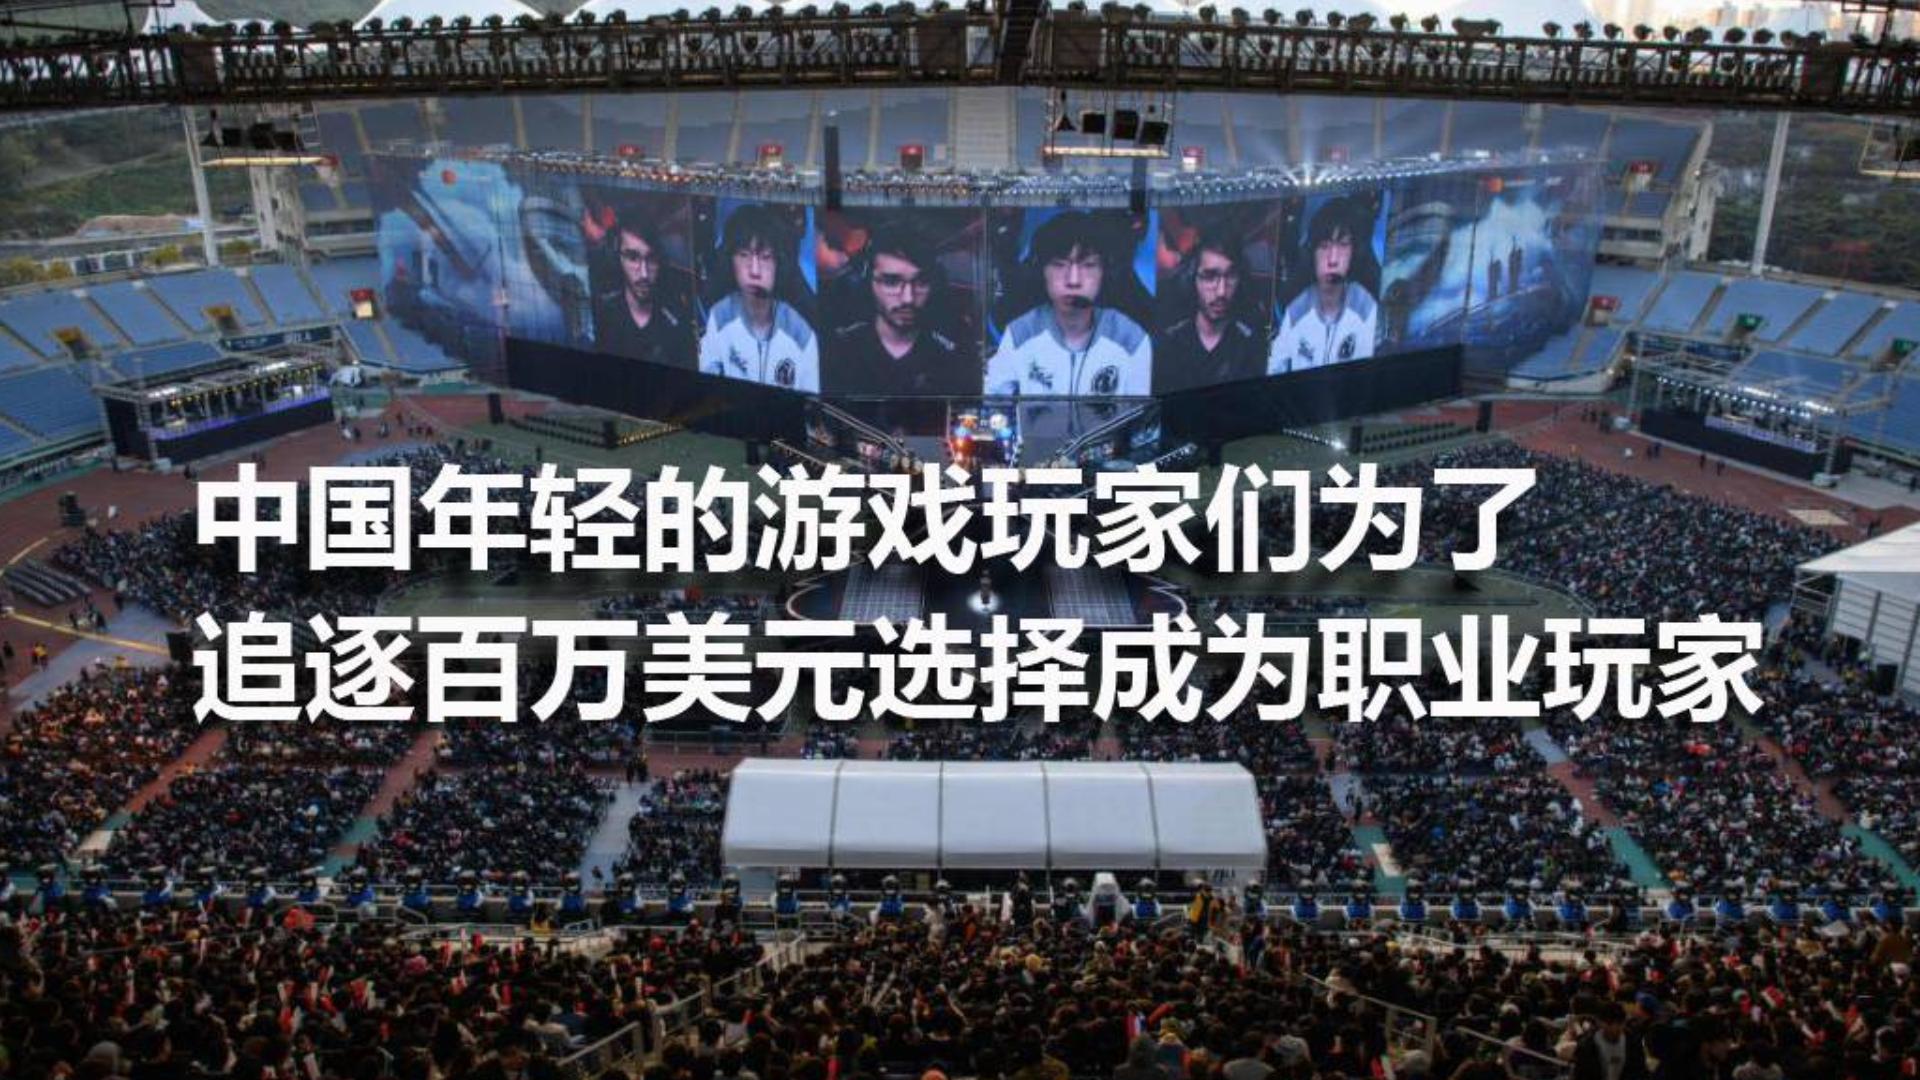 中国年轻的游戏玩家们为了追逐百万美元选择成为职业玩家